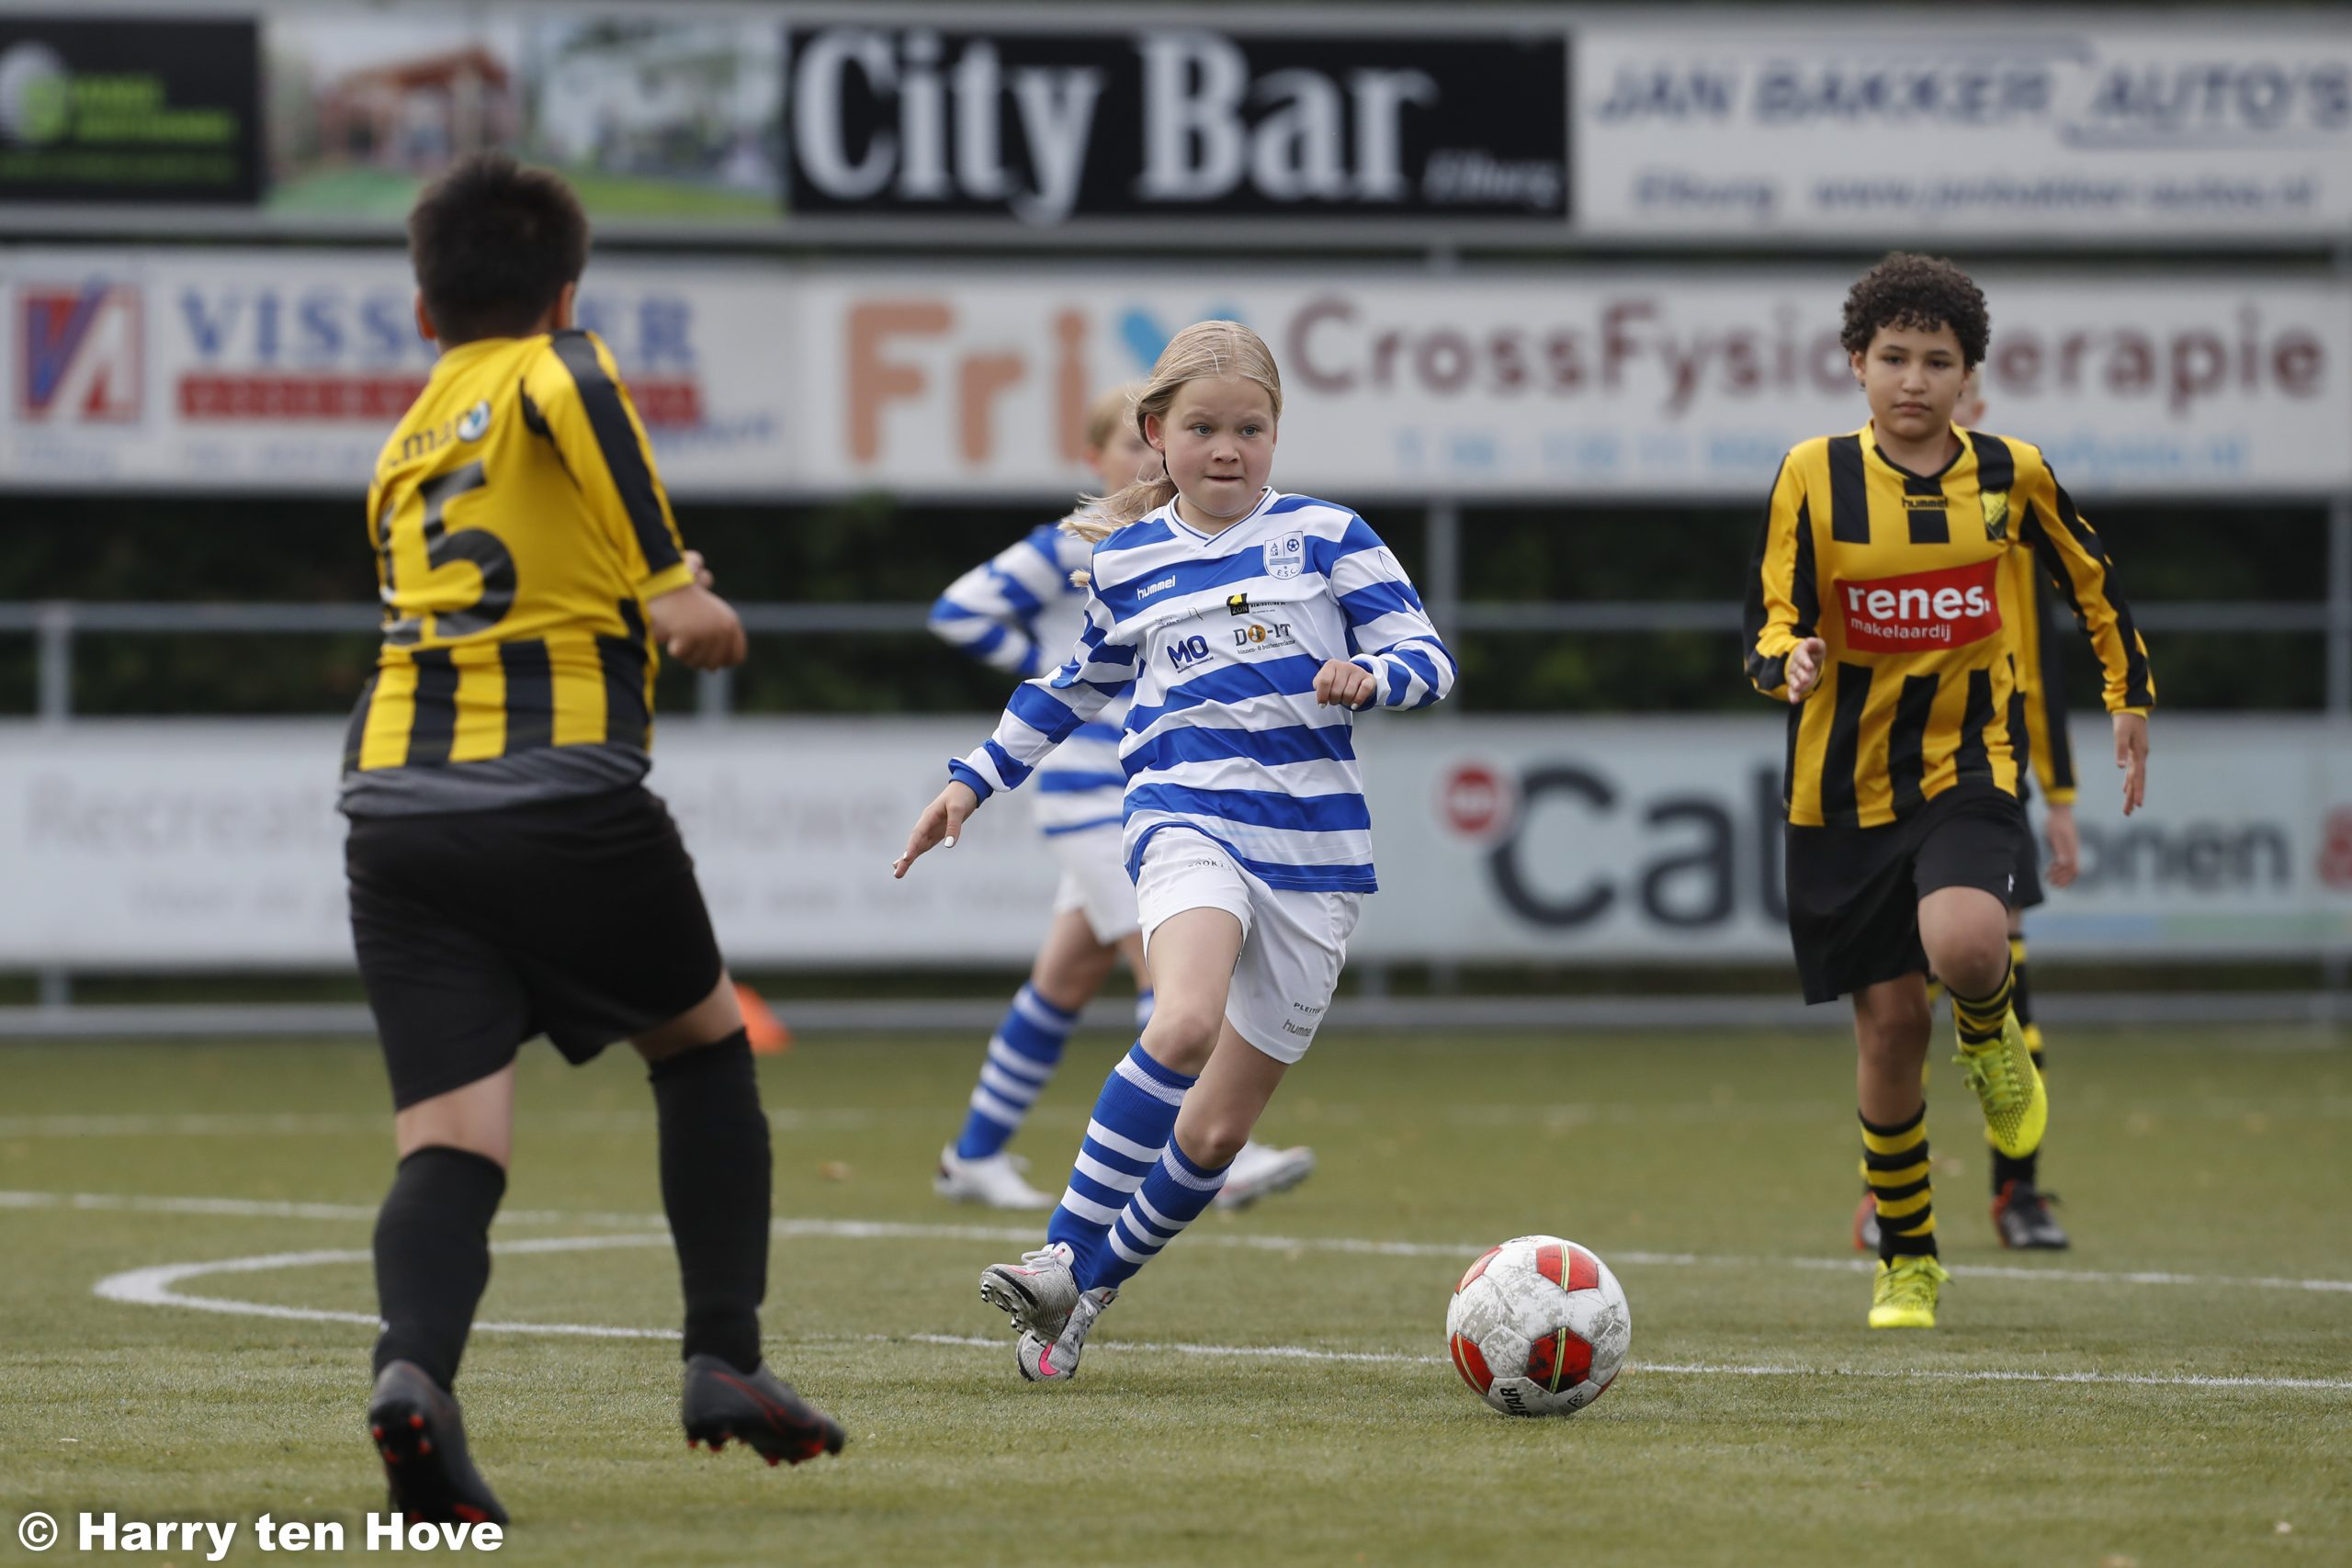 ElburgerSC - Laatste KNVB Regiocup